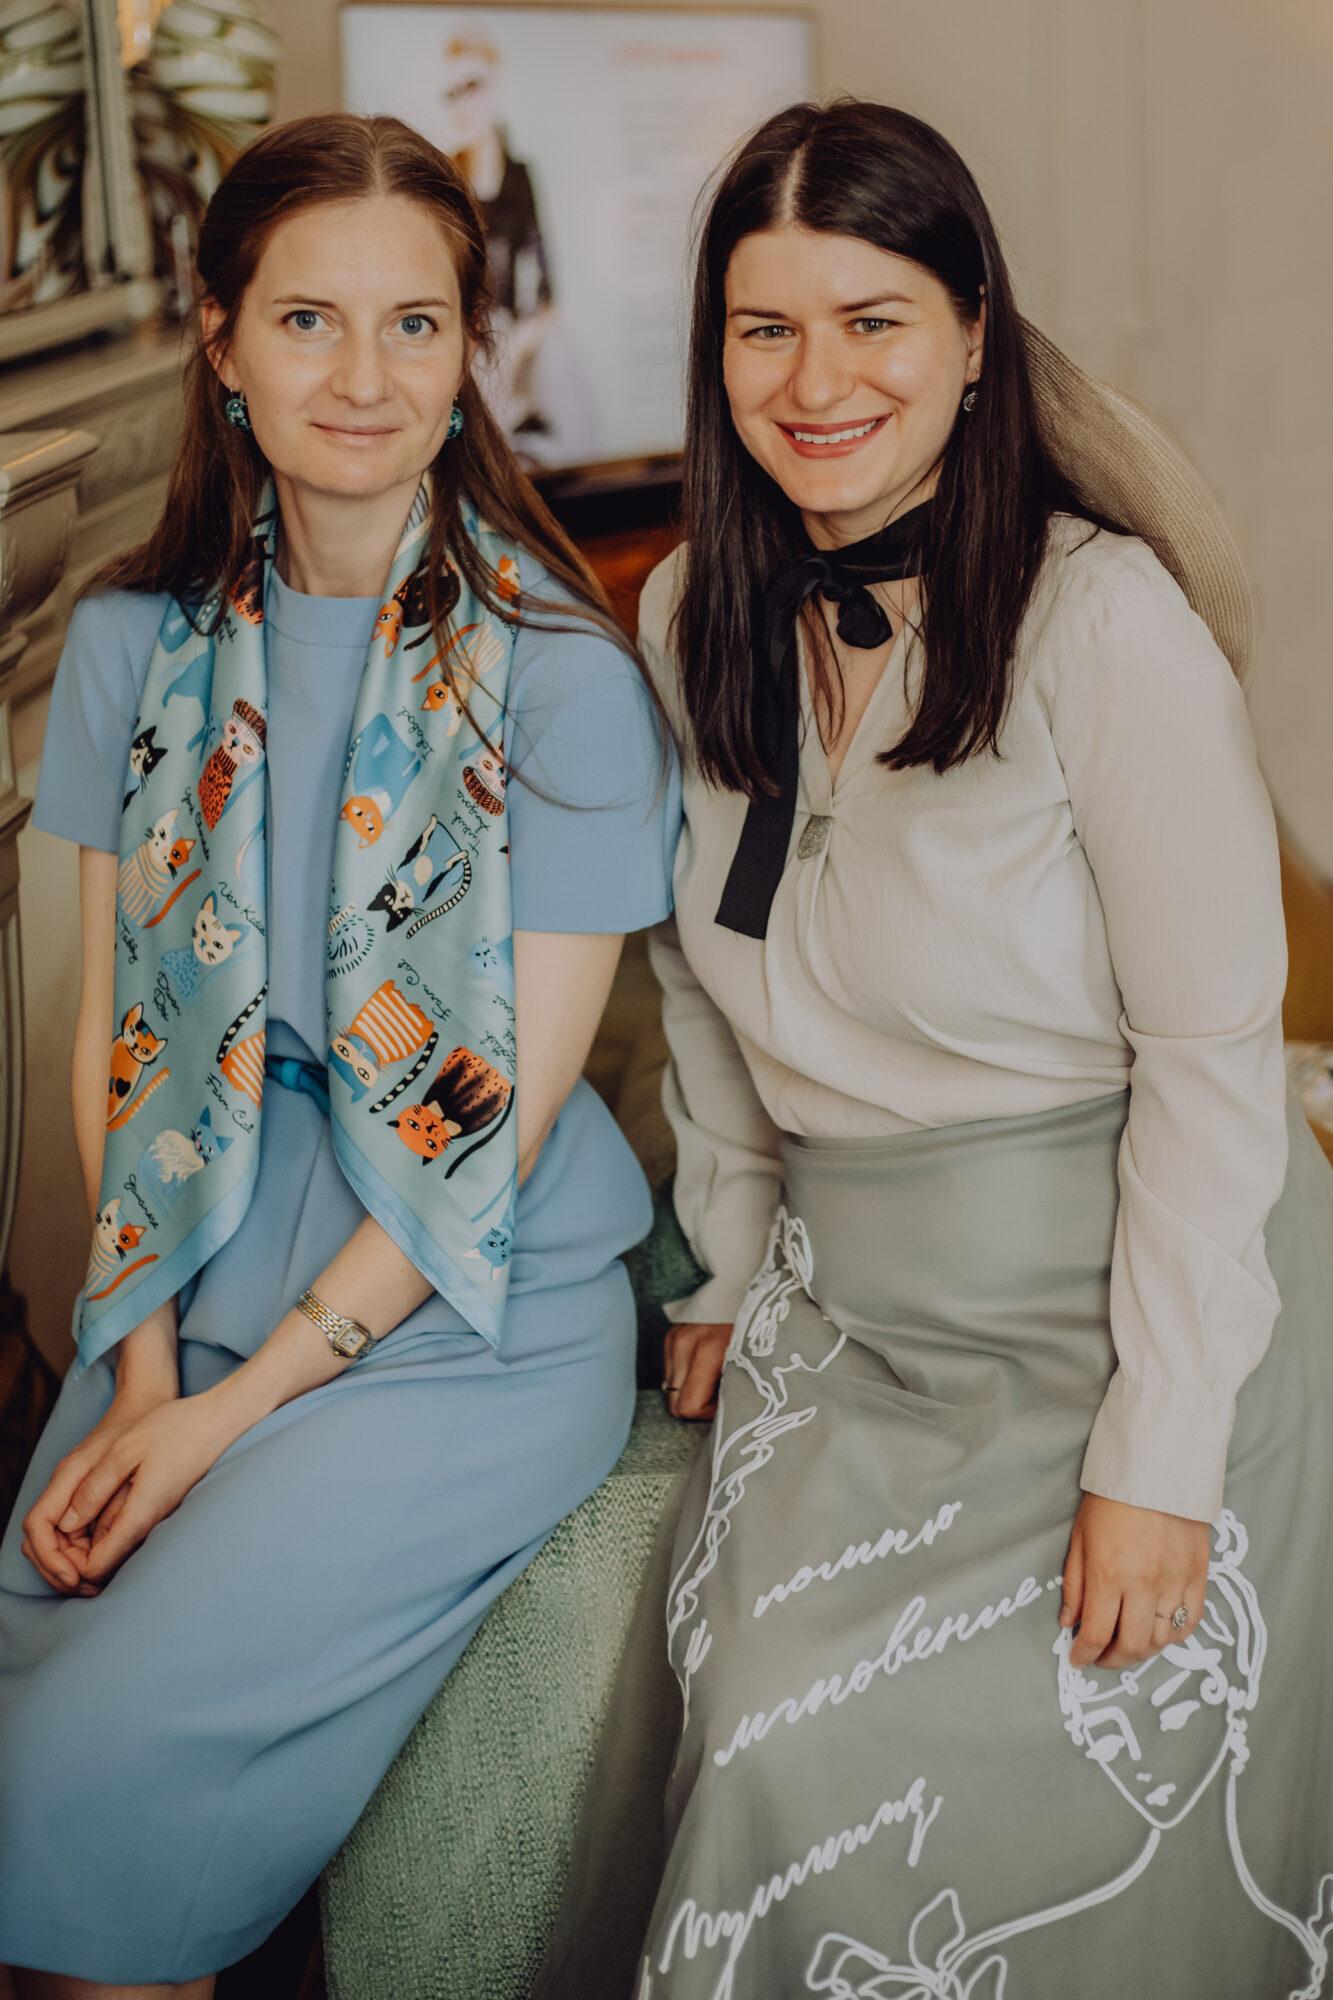 Светлана Лондон и Екатерина Канаева (PRIMALITY) на мероприятии Women Who Inspire в Лондоне. Photography: Victoria Maze